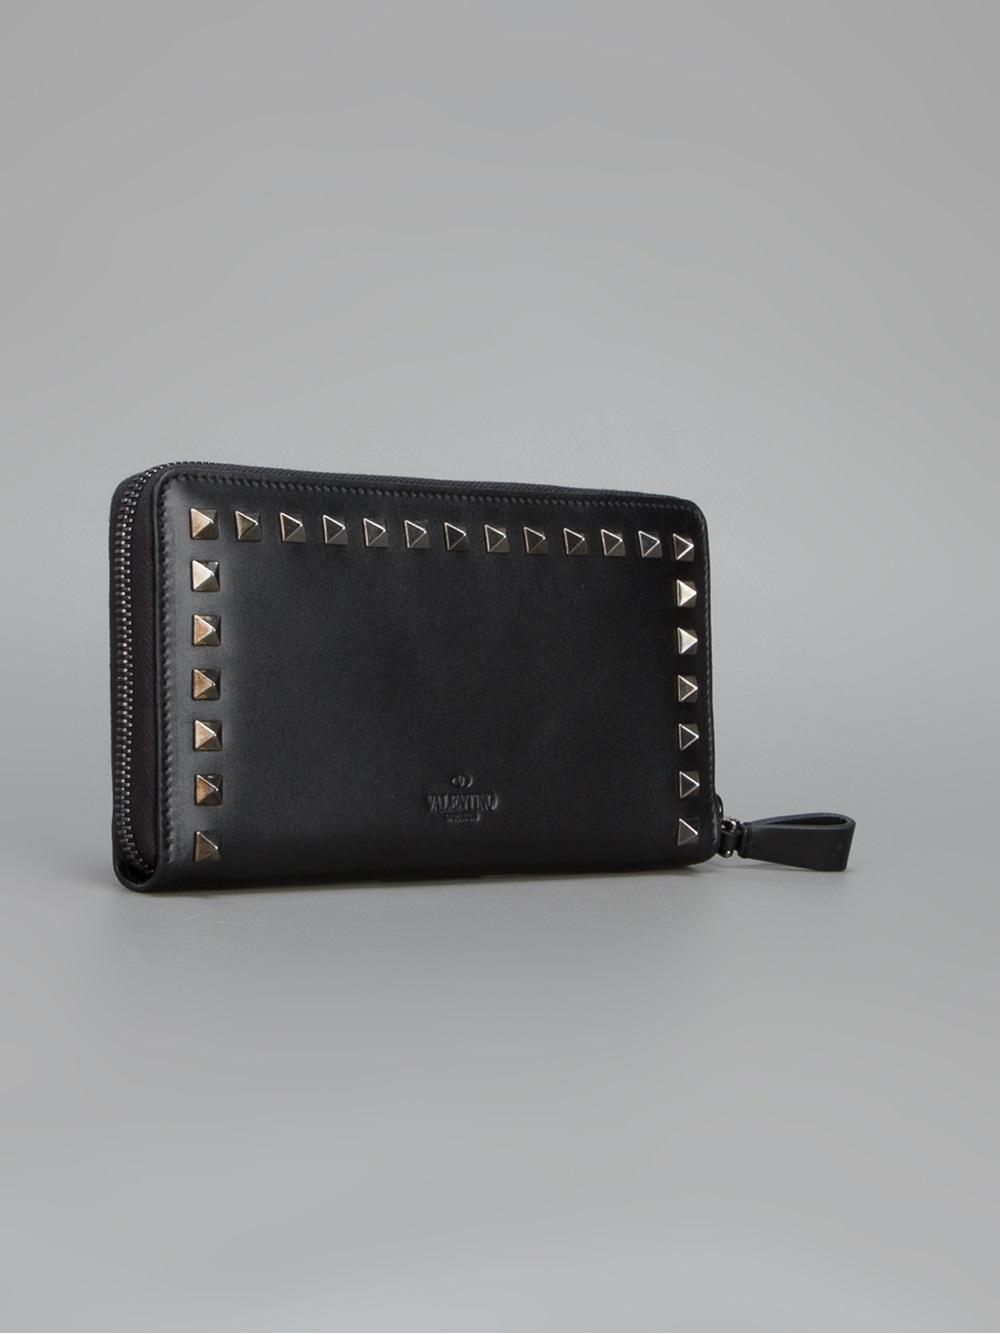 Lyst - Valentino Rockstud Wallet in Black